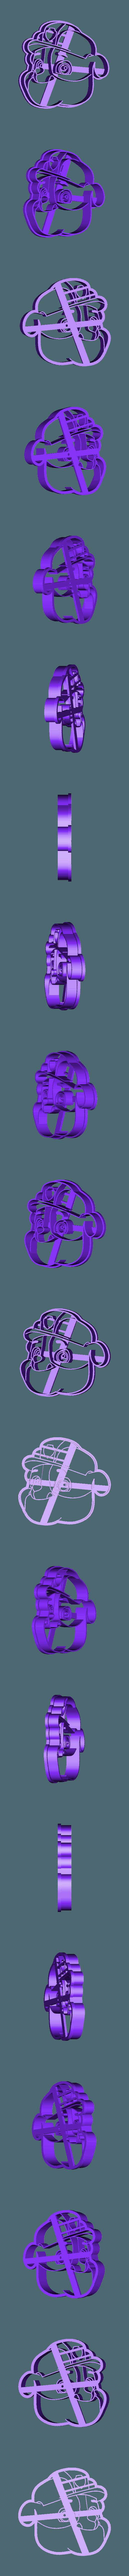 Rubble.stl Télécharger fichier STL gratuit Pack patrouille de patrouilles x 5 + logo - Coupe-cookie • Design imprimable en 3D, Taladrodesing